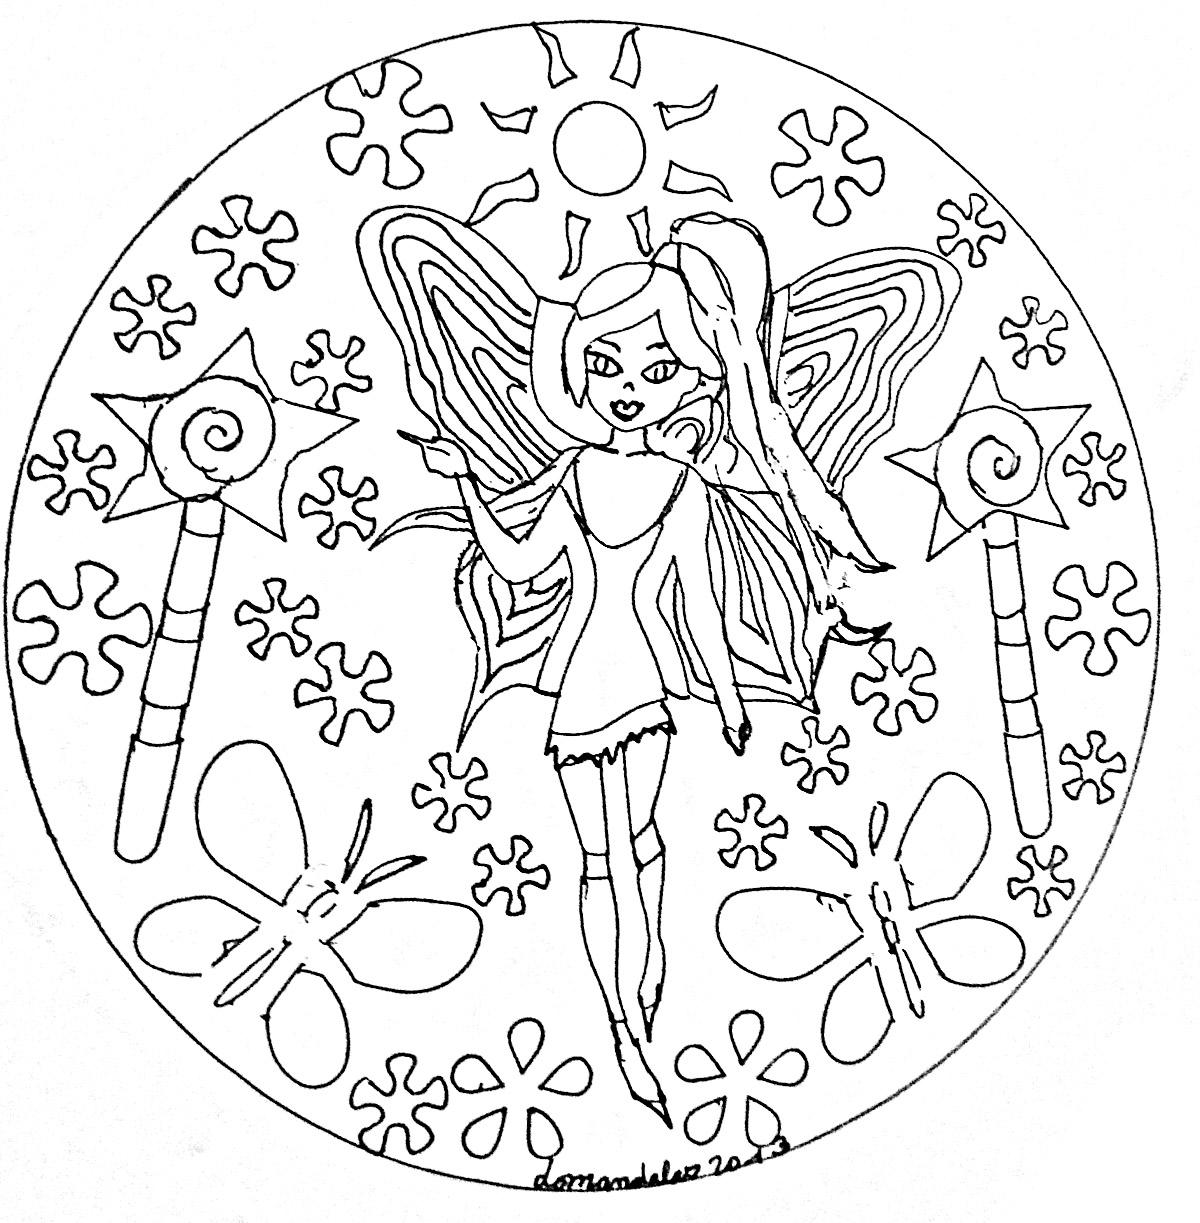 Disegni da colorare per adulti : Mandalas - 179